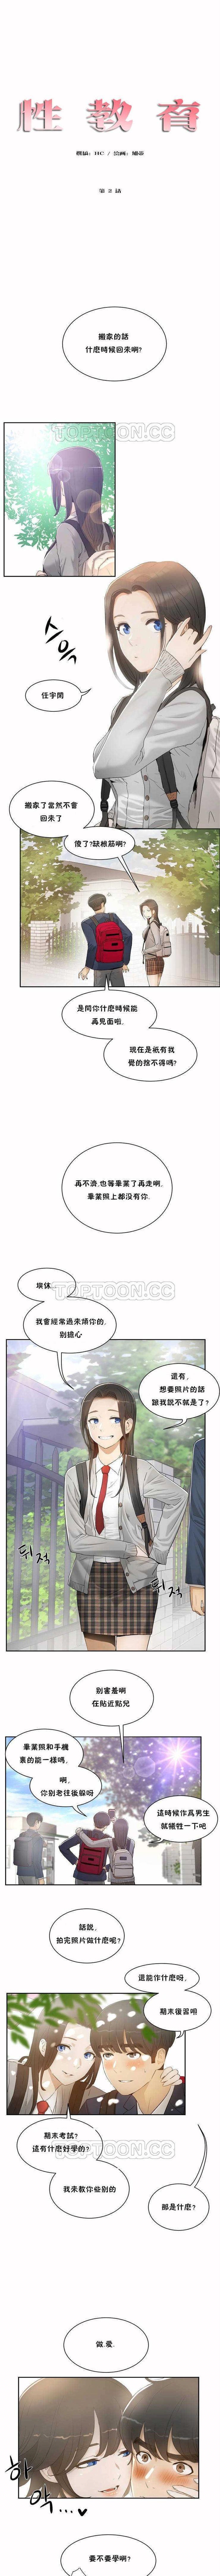 性教育 1-48.5 中文翻译(完結) 8